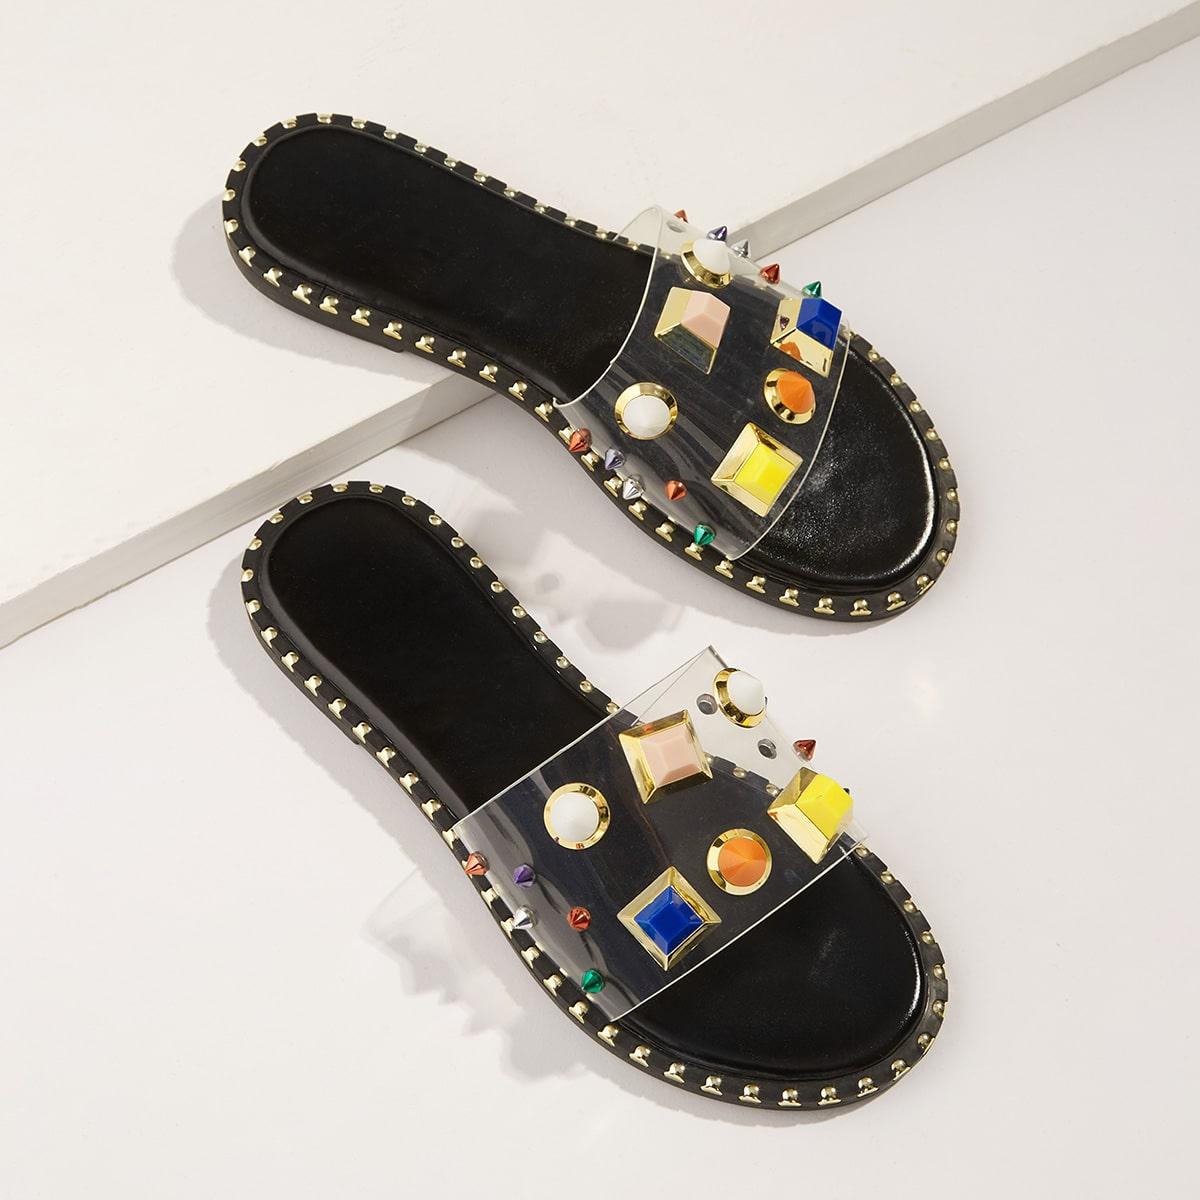 SHEIN / Zapatillas transparentes con diseño de tachuela